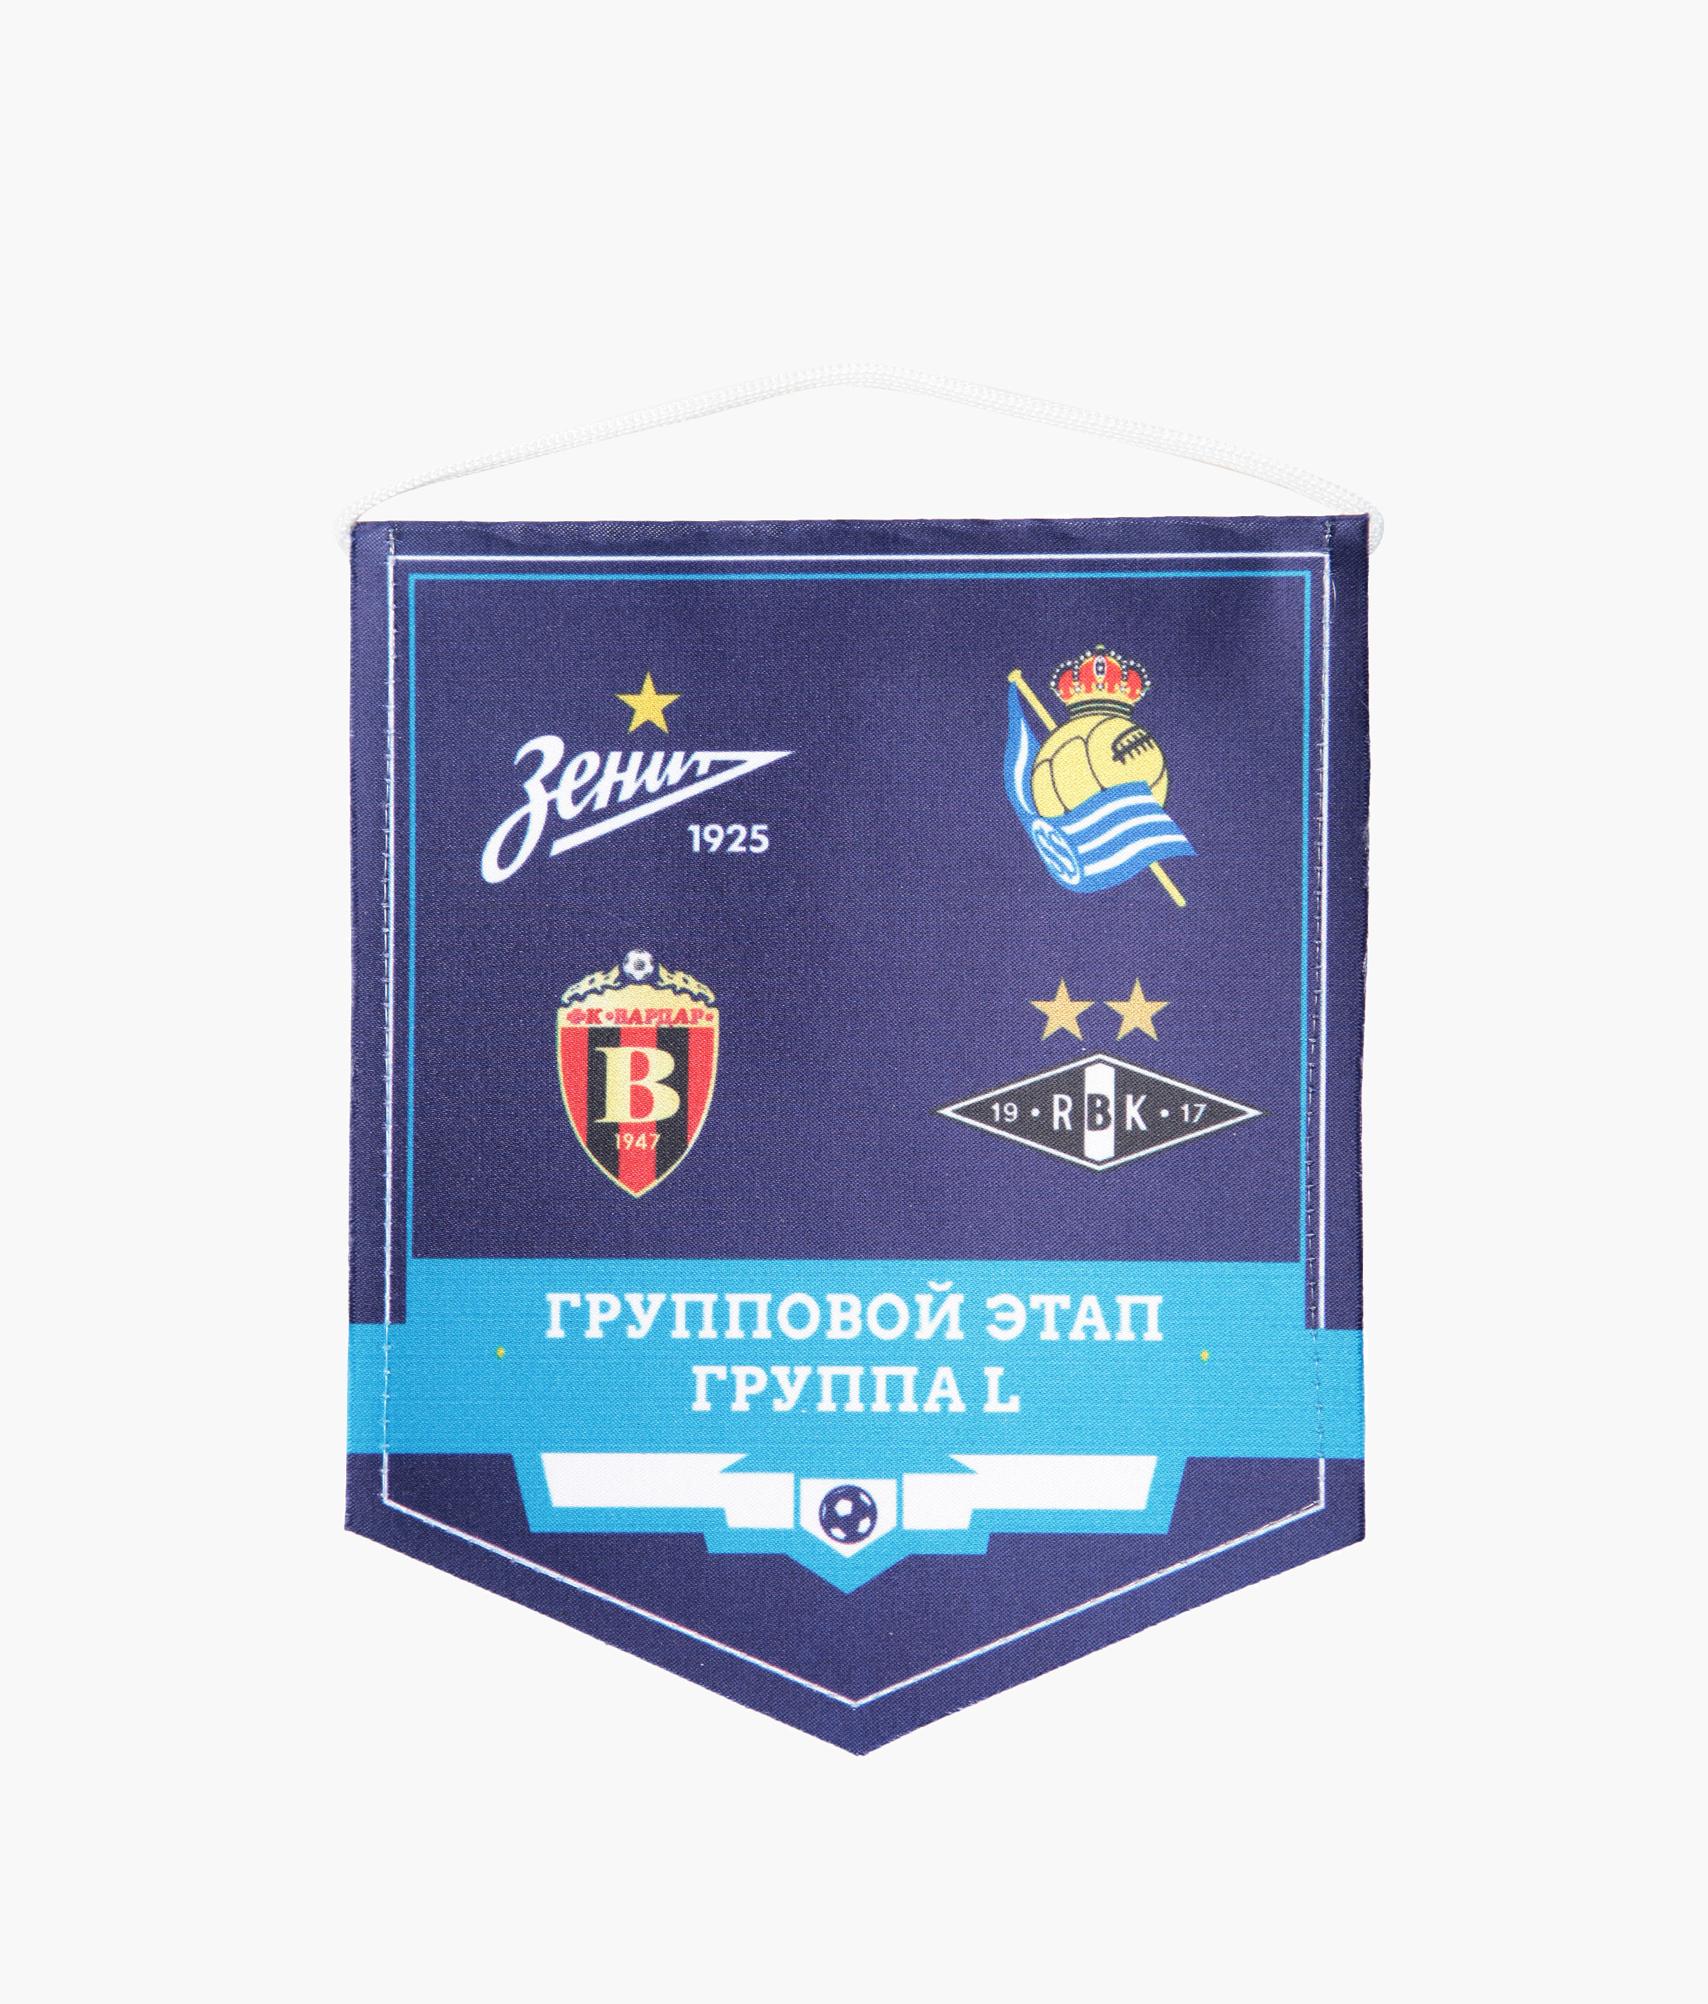 Вымпел «Группа L 2017/18» Зенит